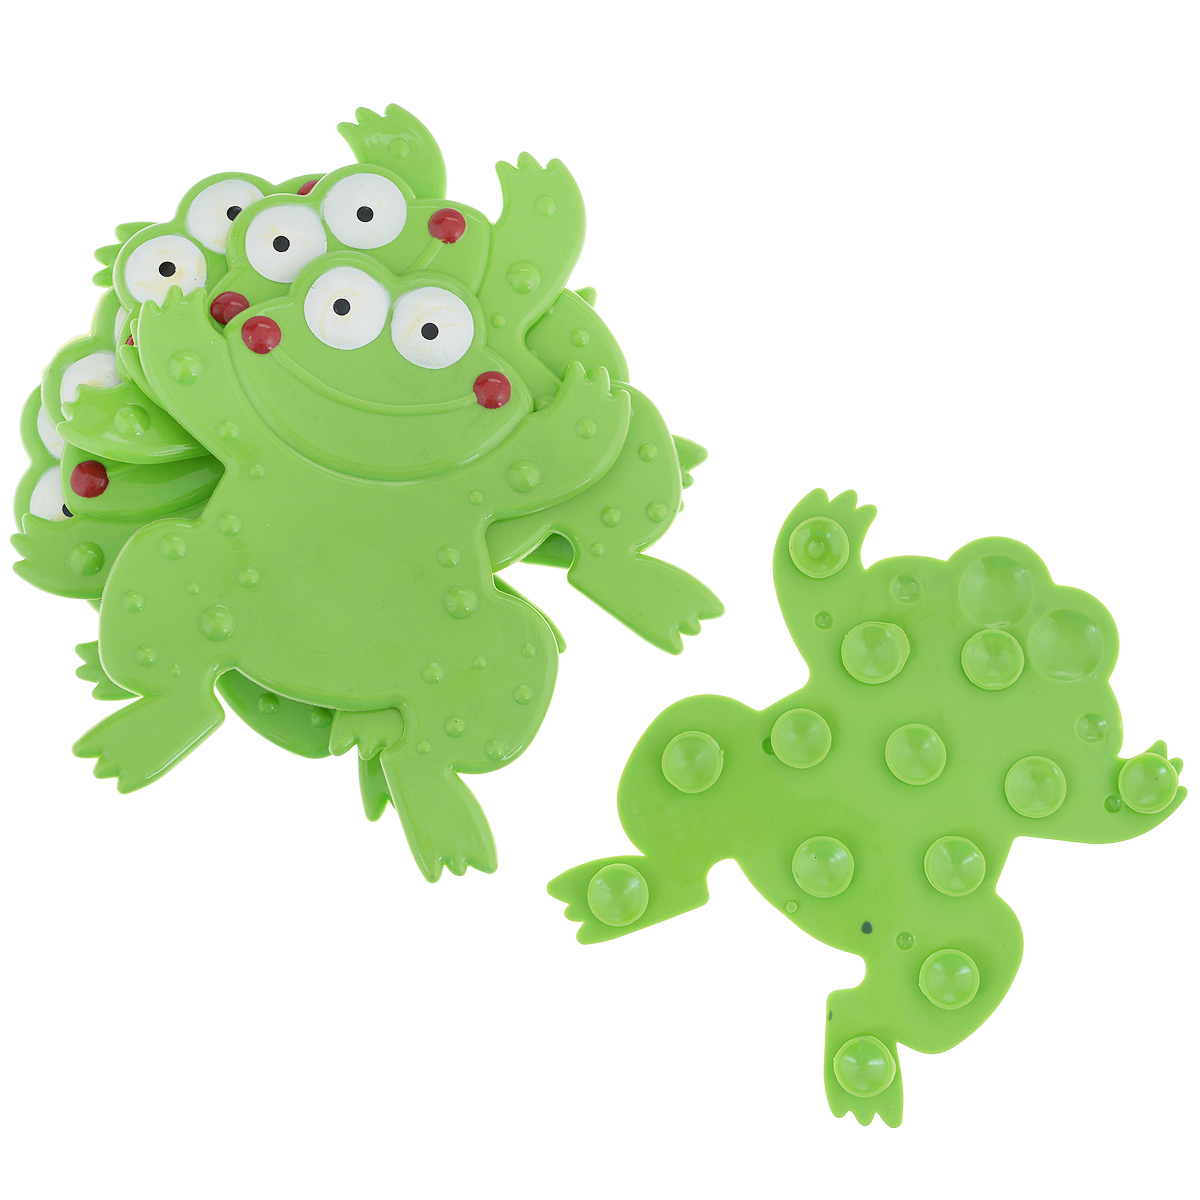 Набор мини-ковриков для ванной Лягушка, цвет: зеленый, 6 шт531-105Набор Лягушка включает шесть мини-ковриков для ванной. Изготовлены из PVC (полимерные материалы). Коврики оснащены присосками, предотвращающими скольжение. Крепятся на дно ванны, также можно использовать как декор для плитки. Легко чистить.